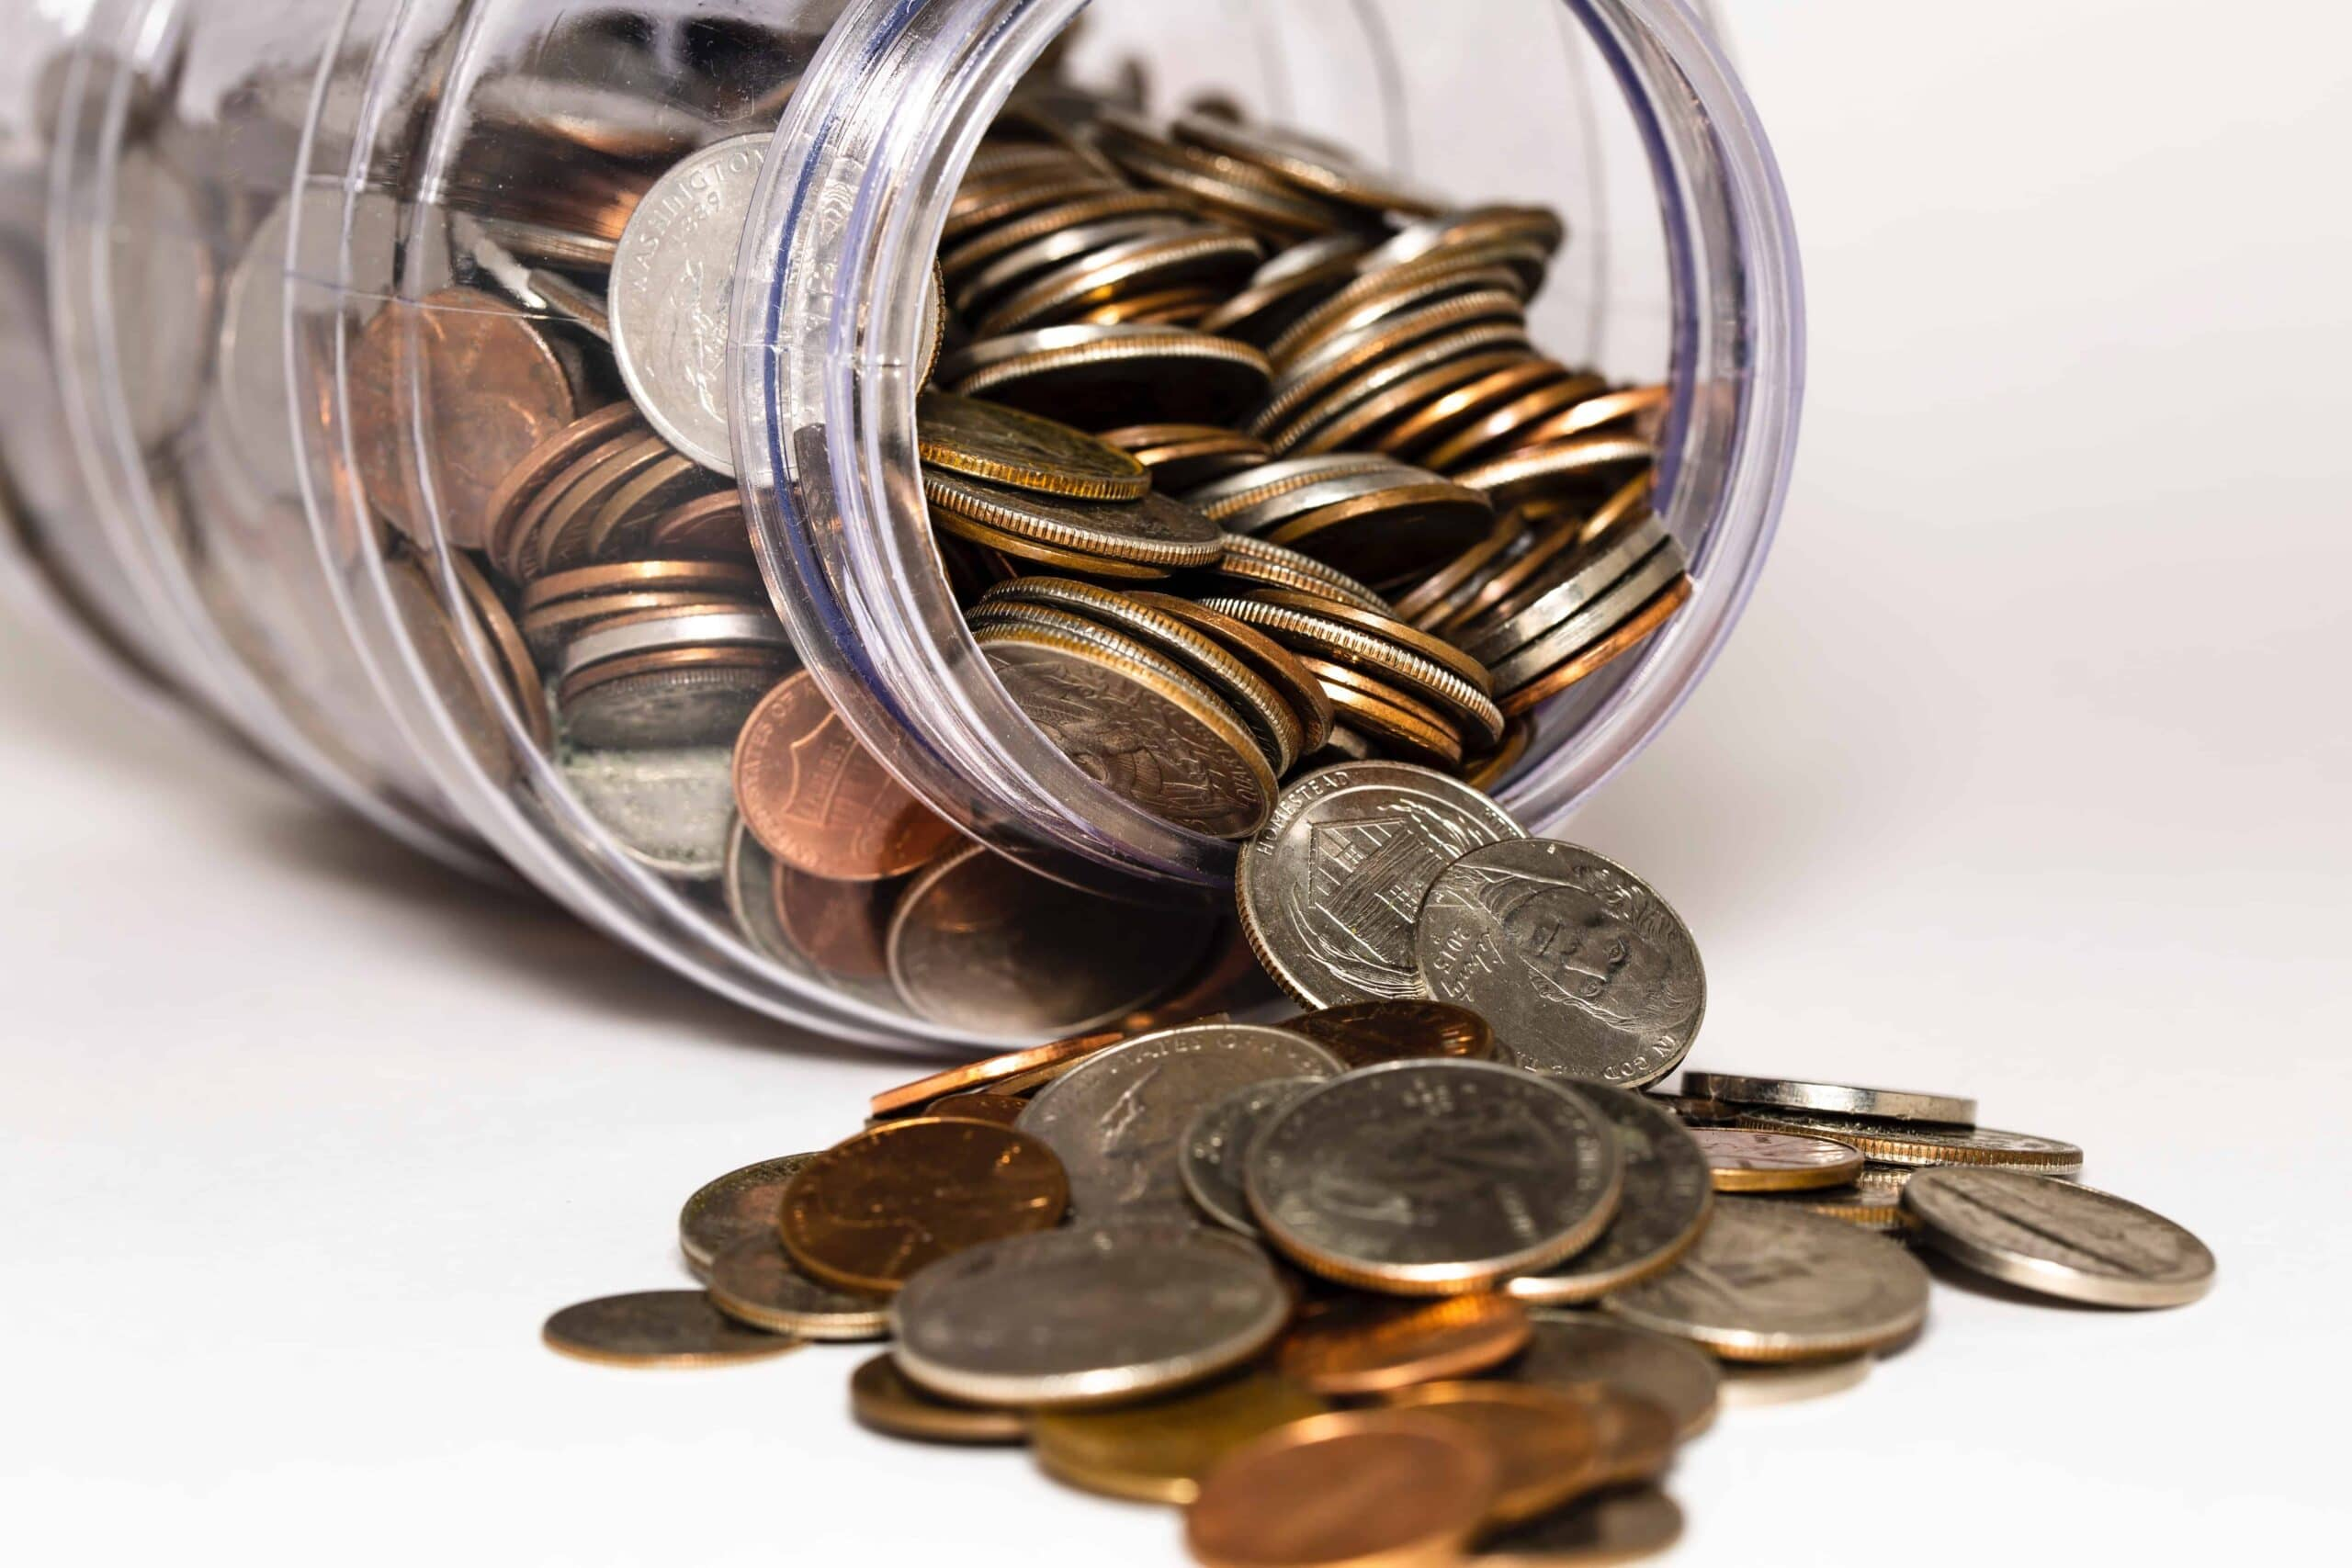 Mulailah Investasi untuk Pendidikan Anak Anda dengan Menabung Rp 2 juta per Bulan